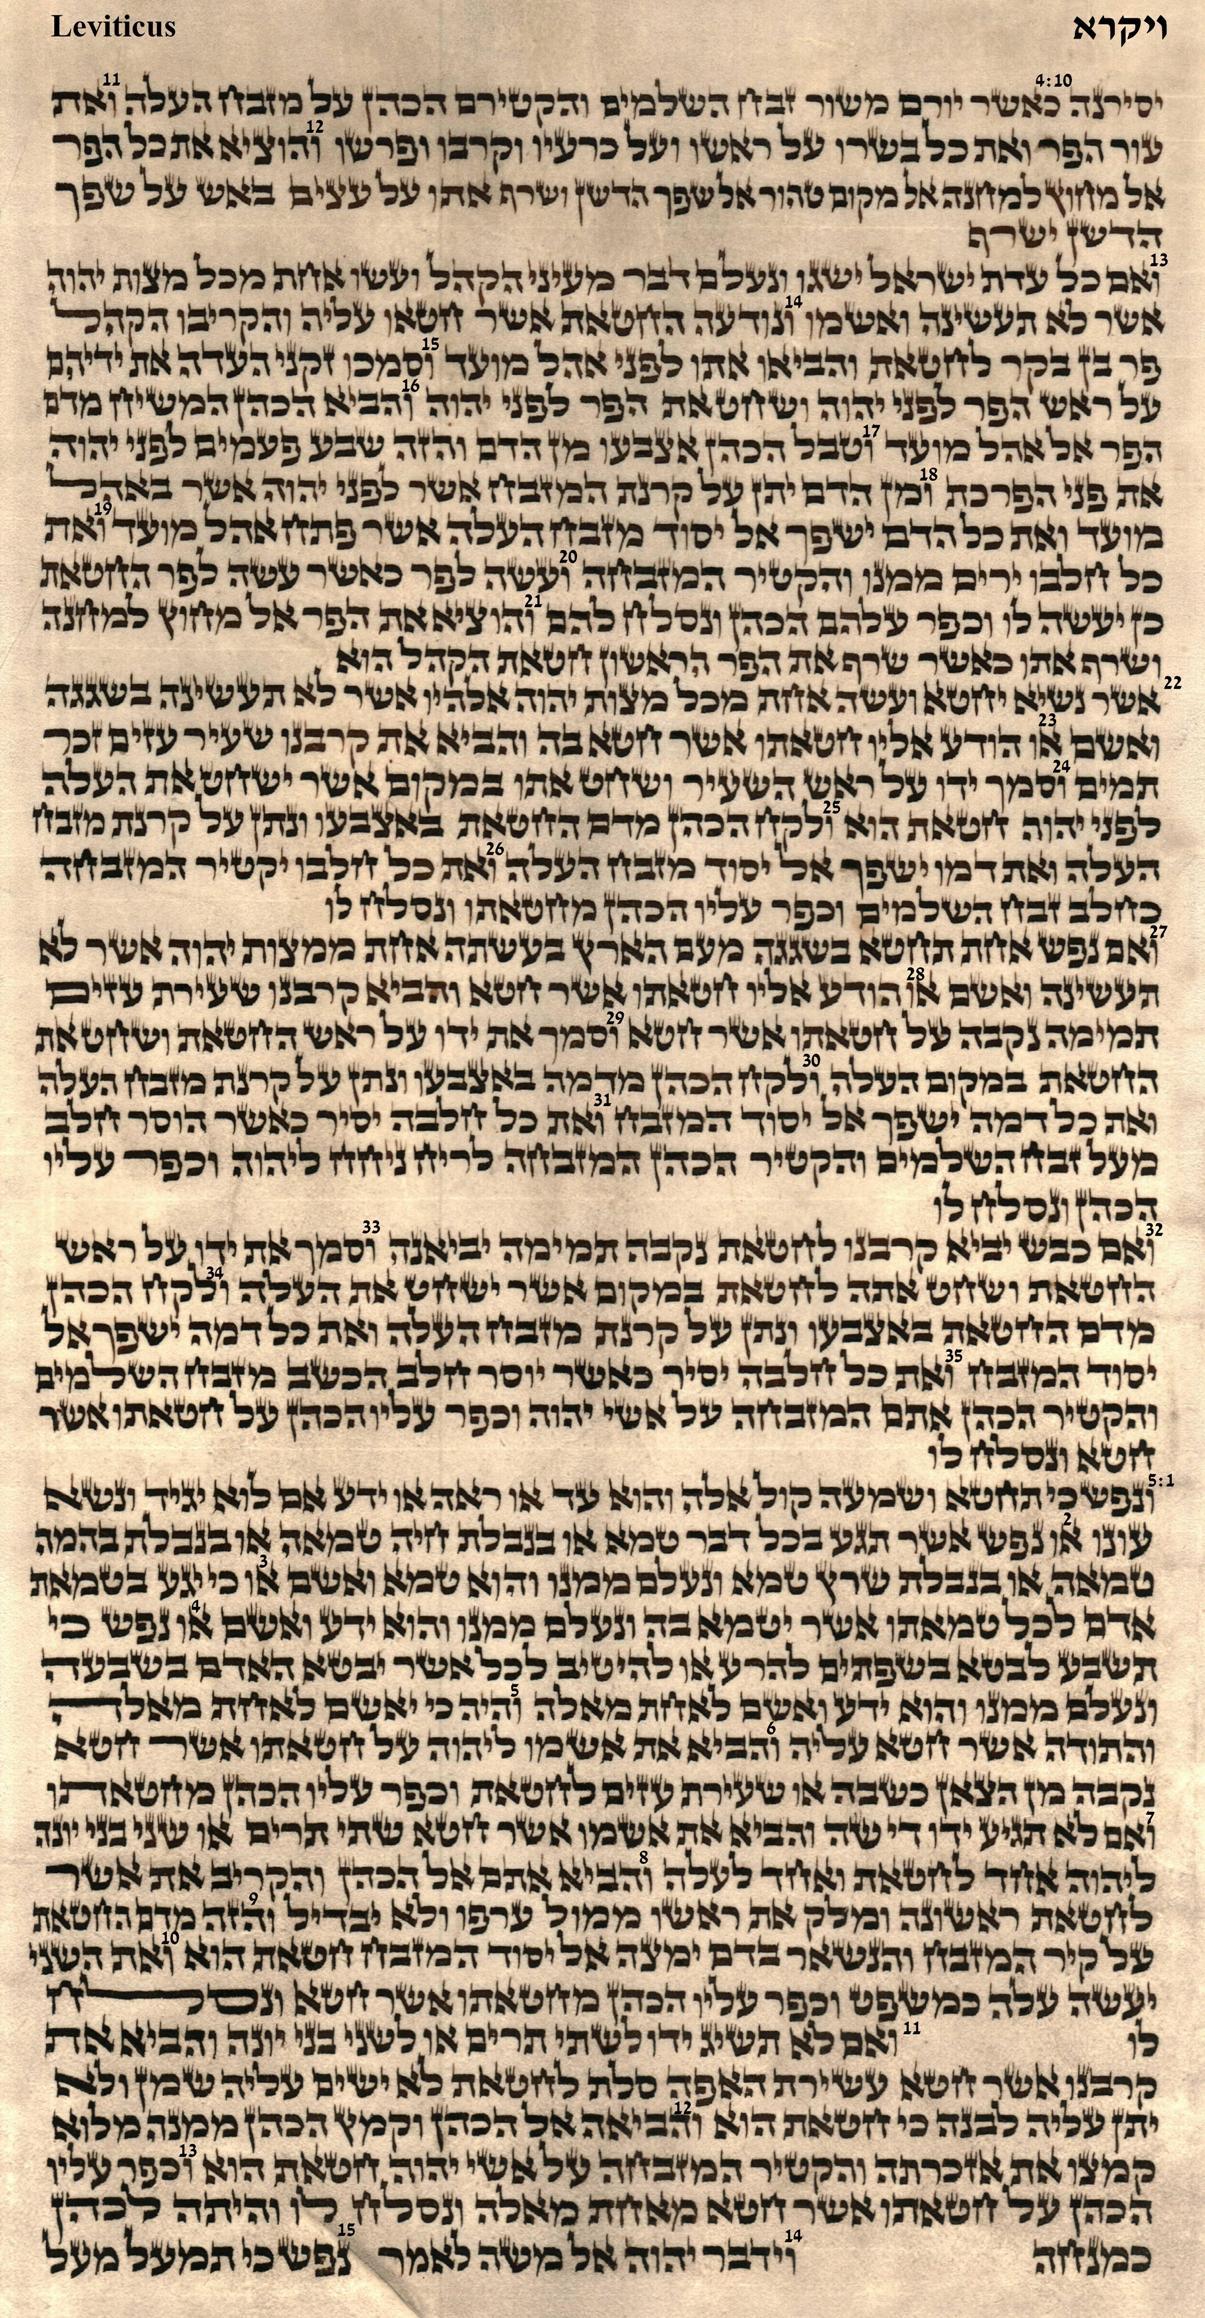 Leviticus 4.10 - 5.15